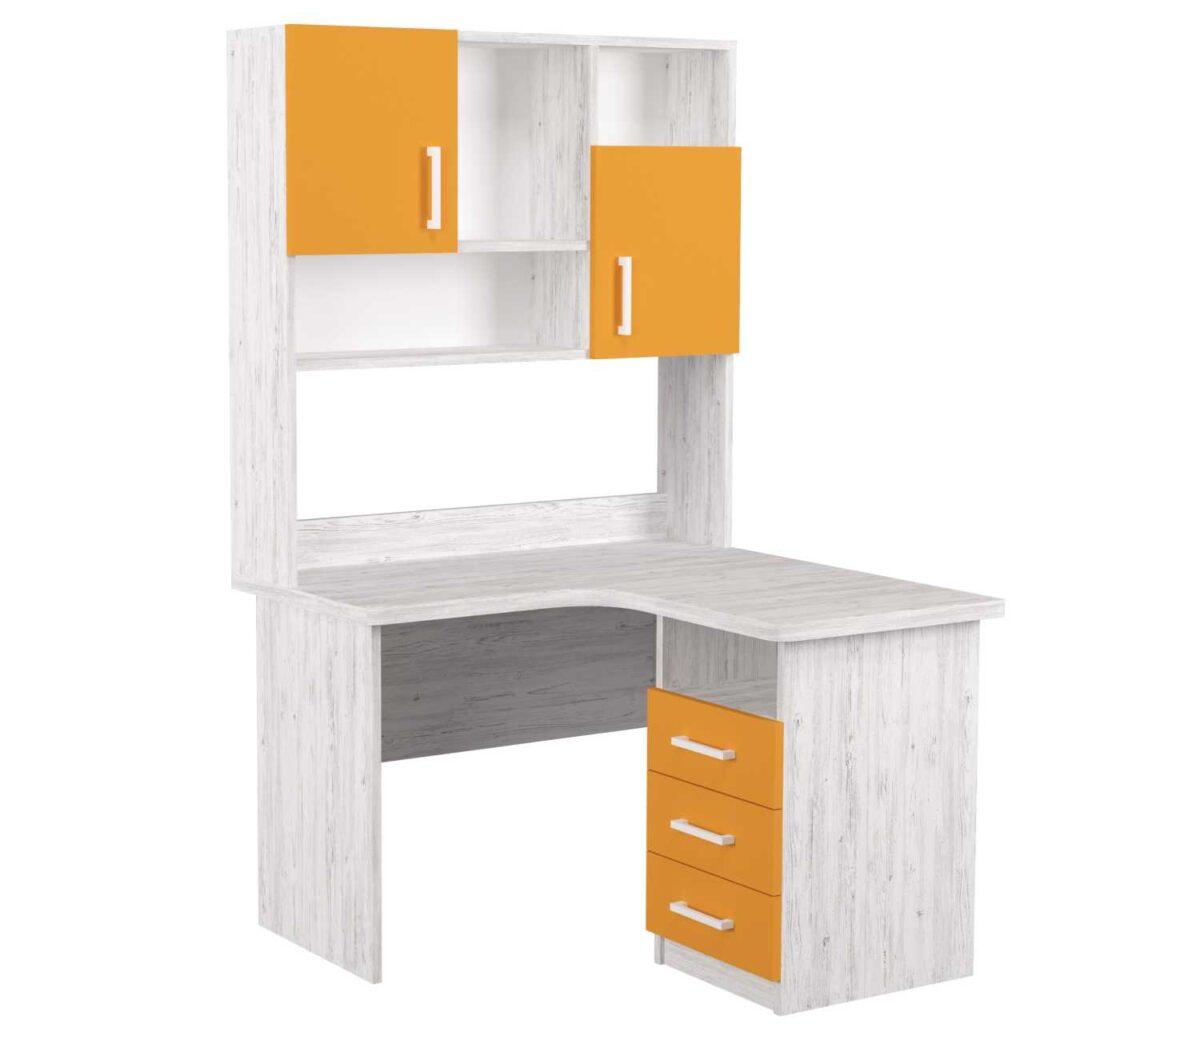 угловой детский стол с надстройкой аляска оранж